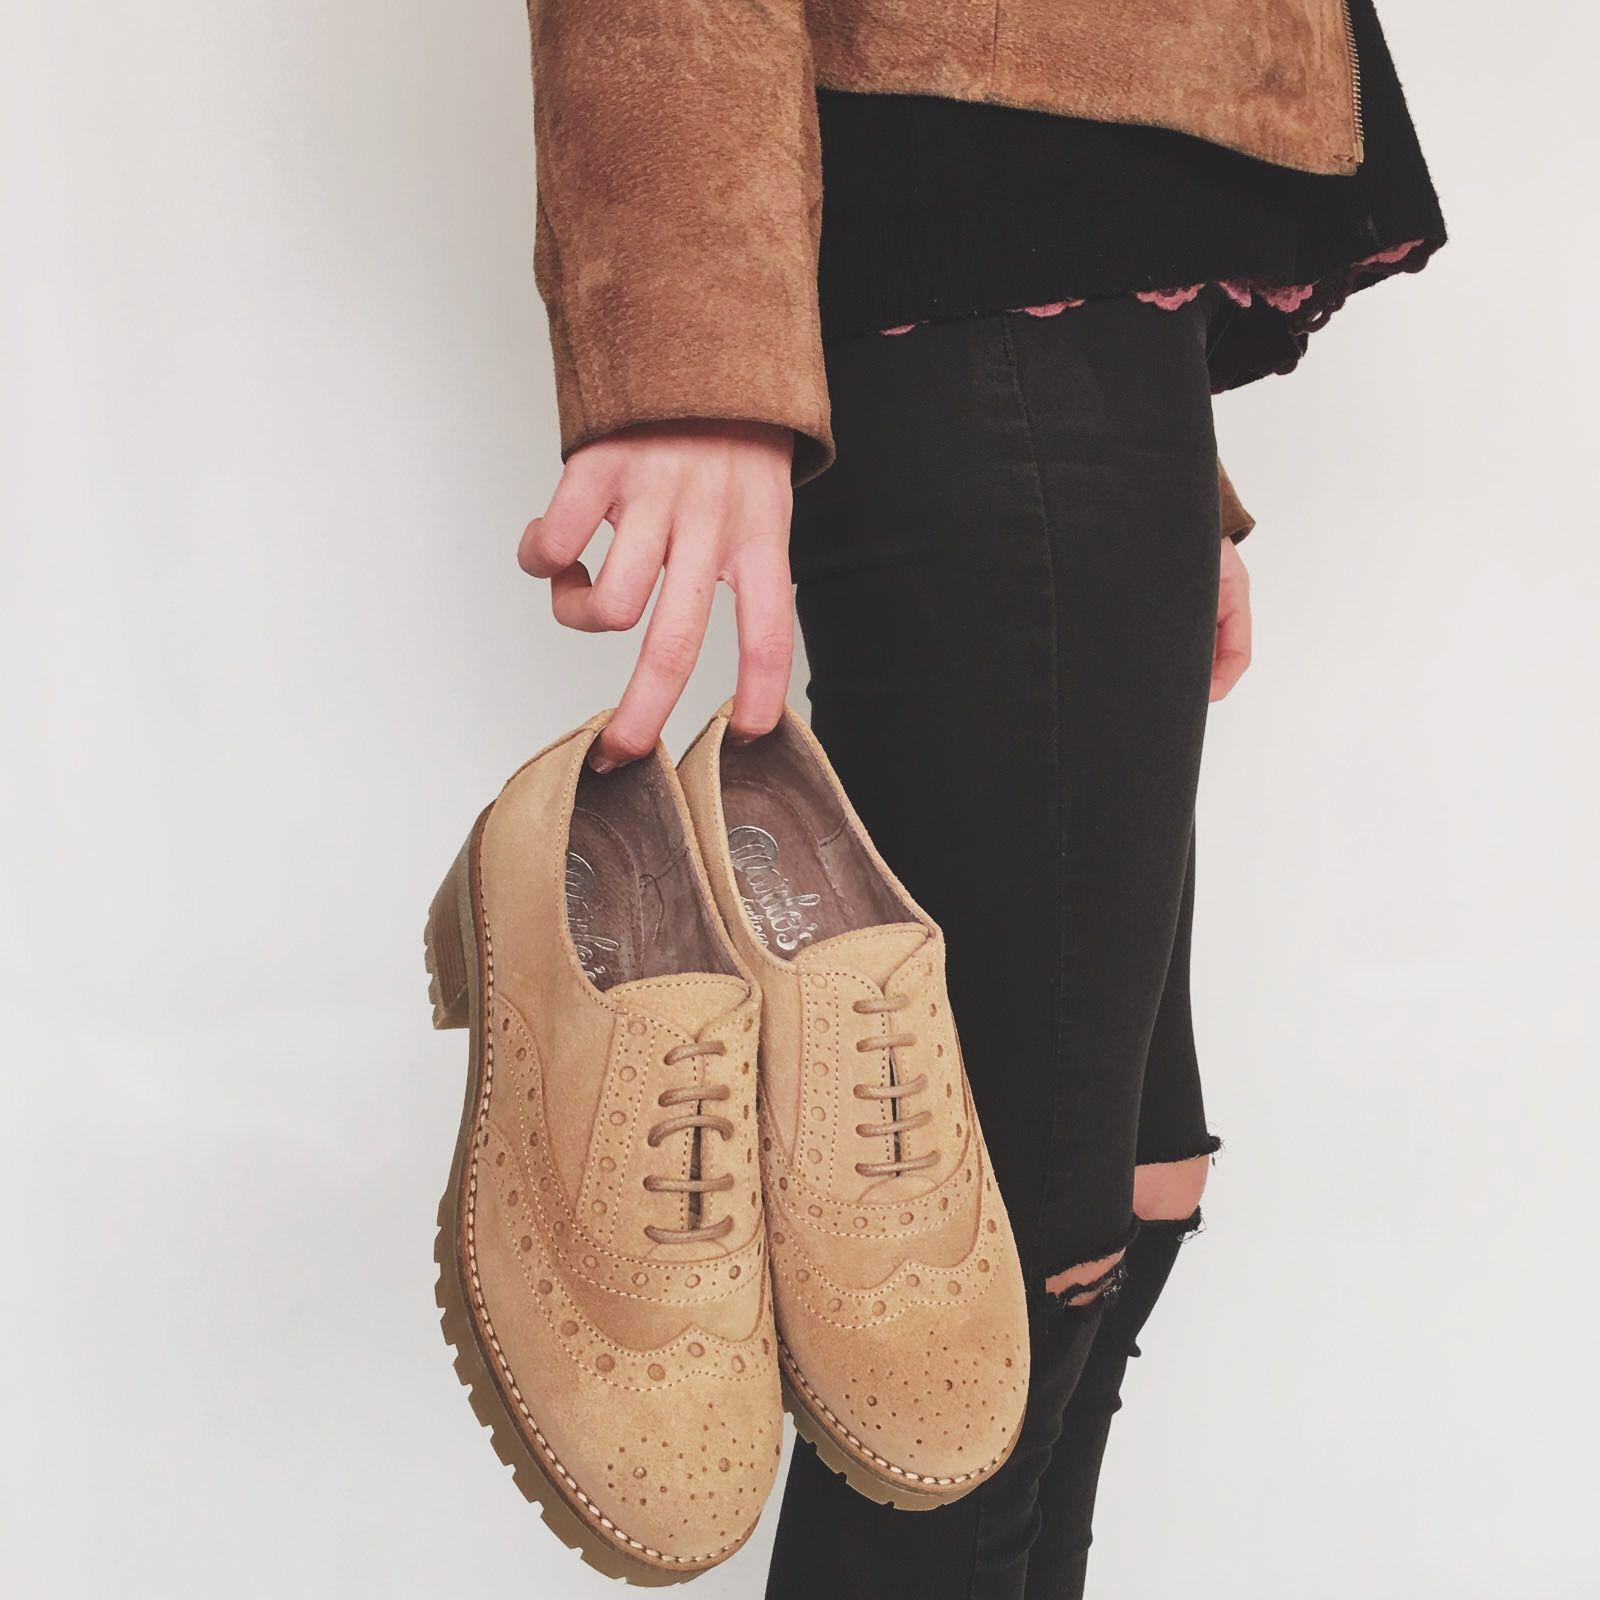 7ef875a4425 Oxfords serraje nora MARLOS FEELINGS   Zapatos Marlo's Online ...